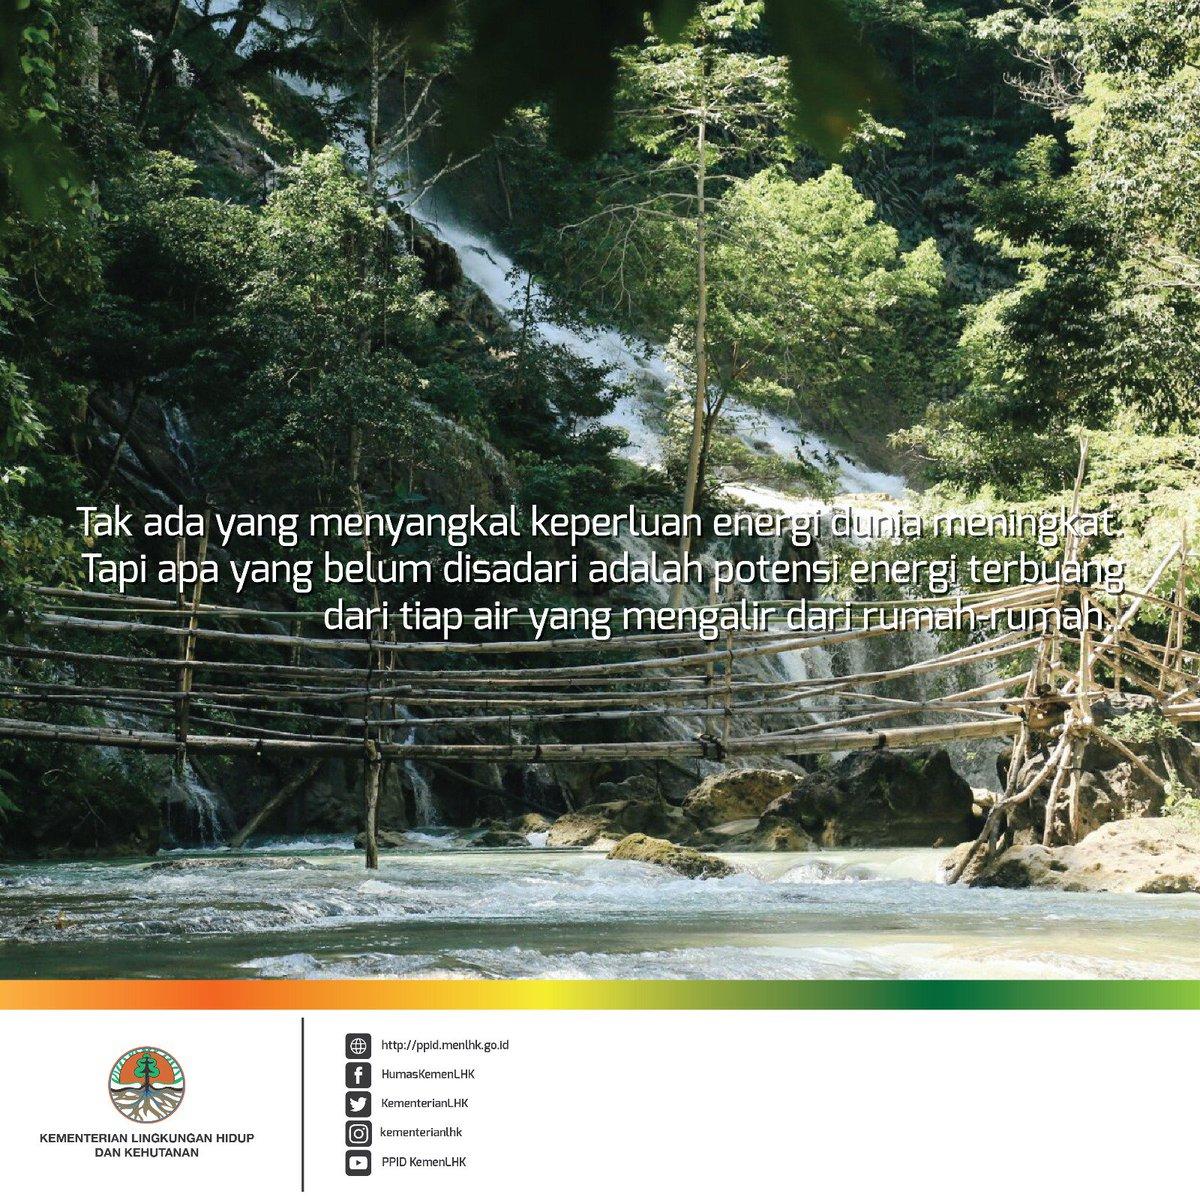 menteri-lhk-indonesia-kaya-potensi-energi-terbarukan